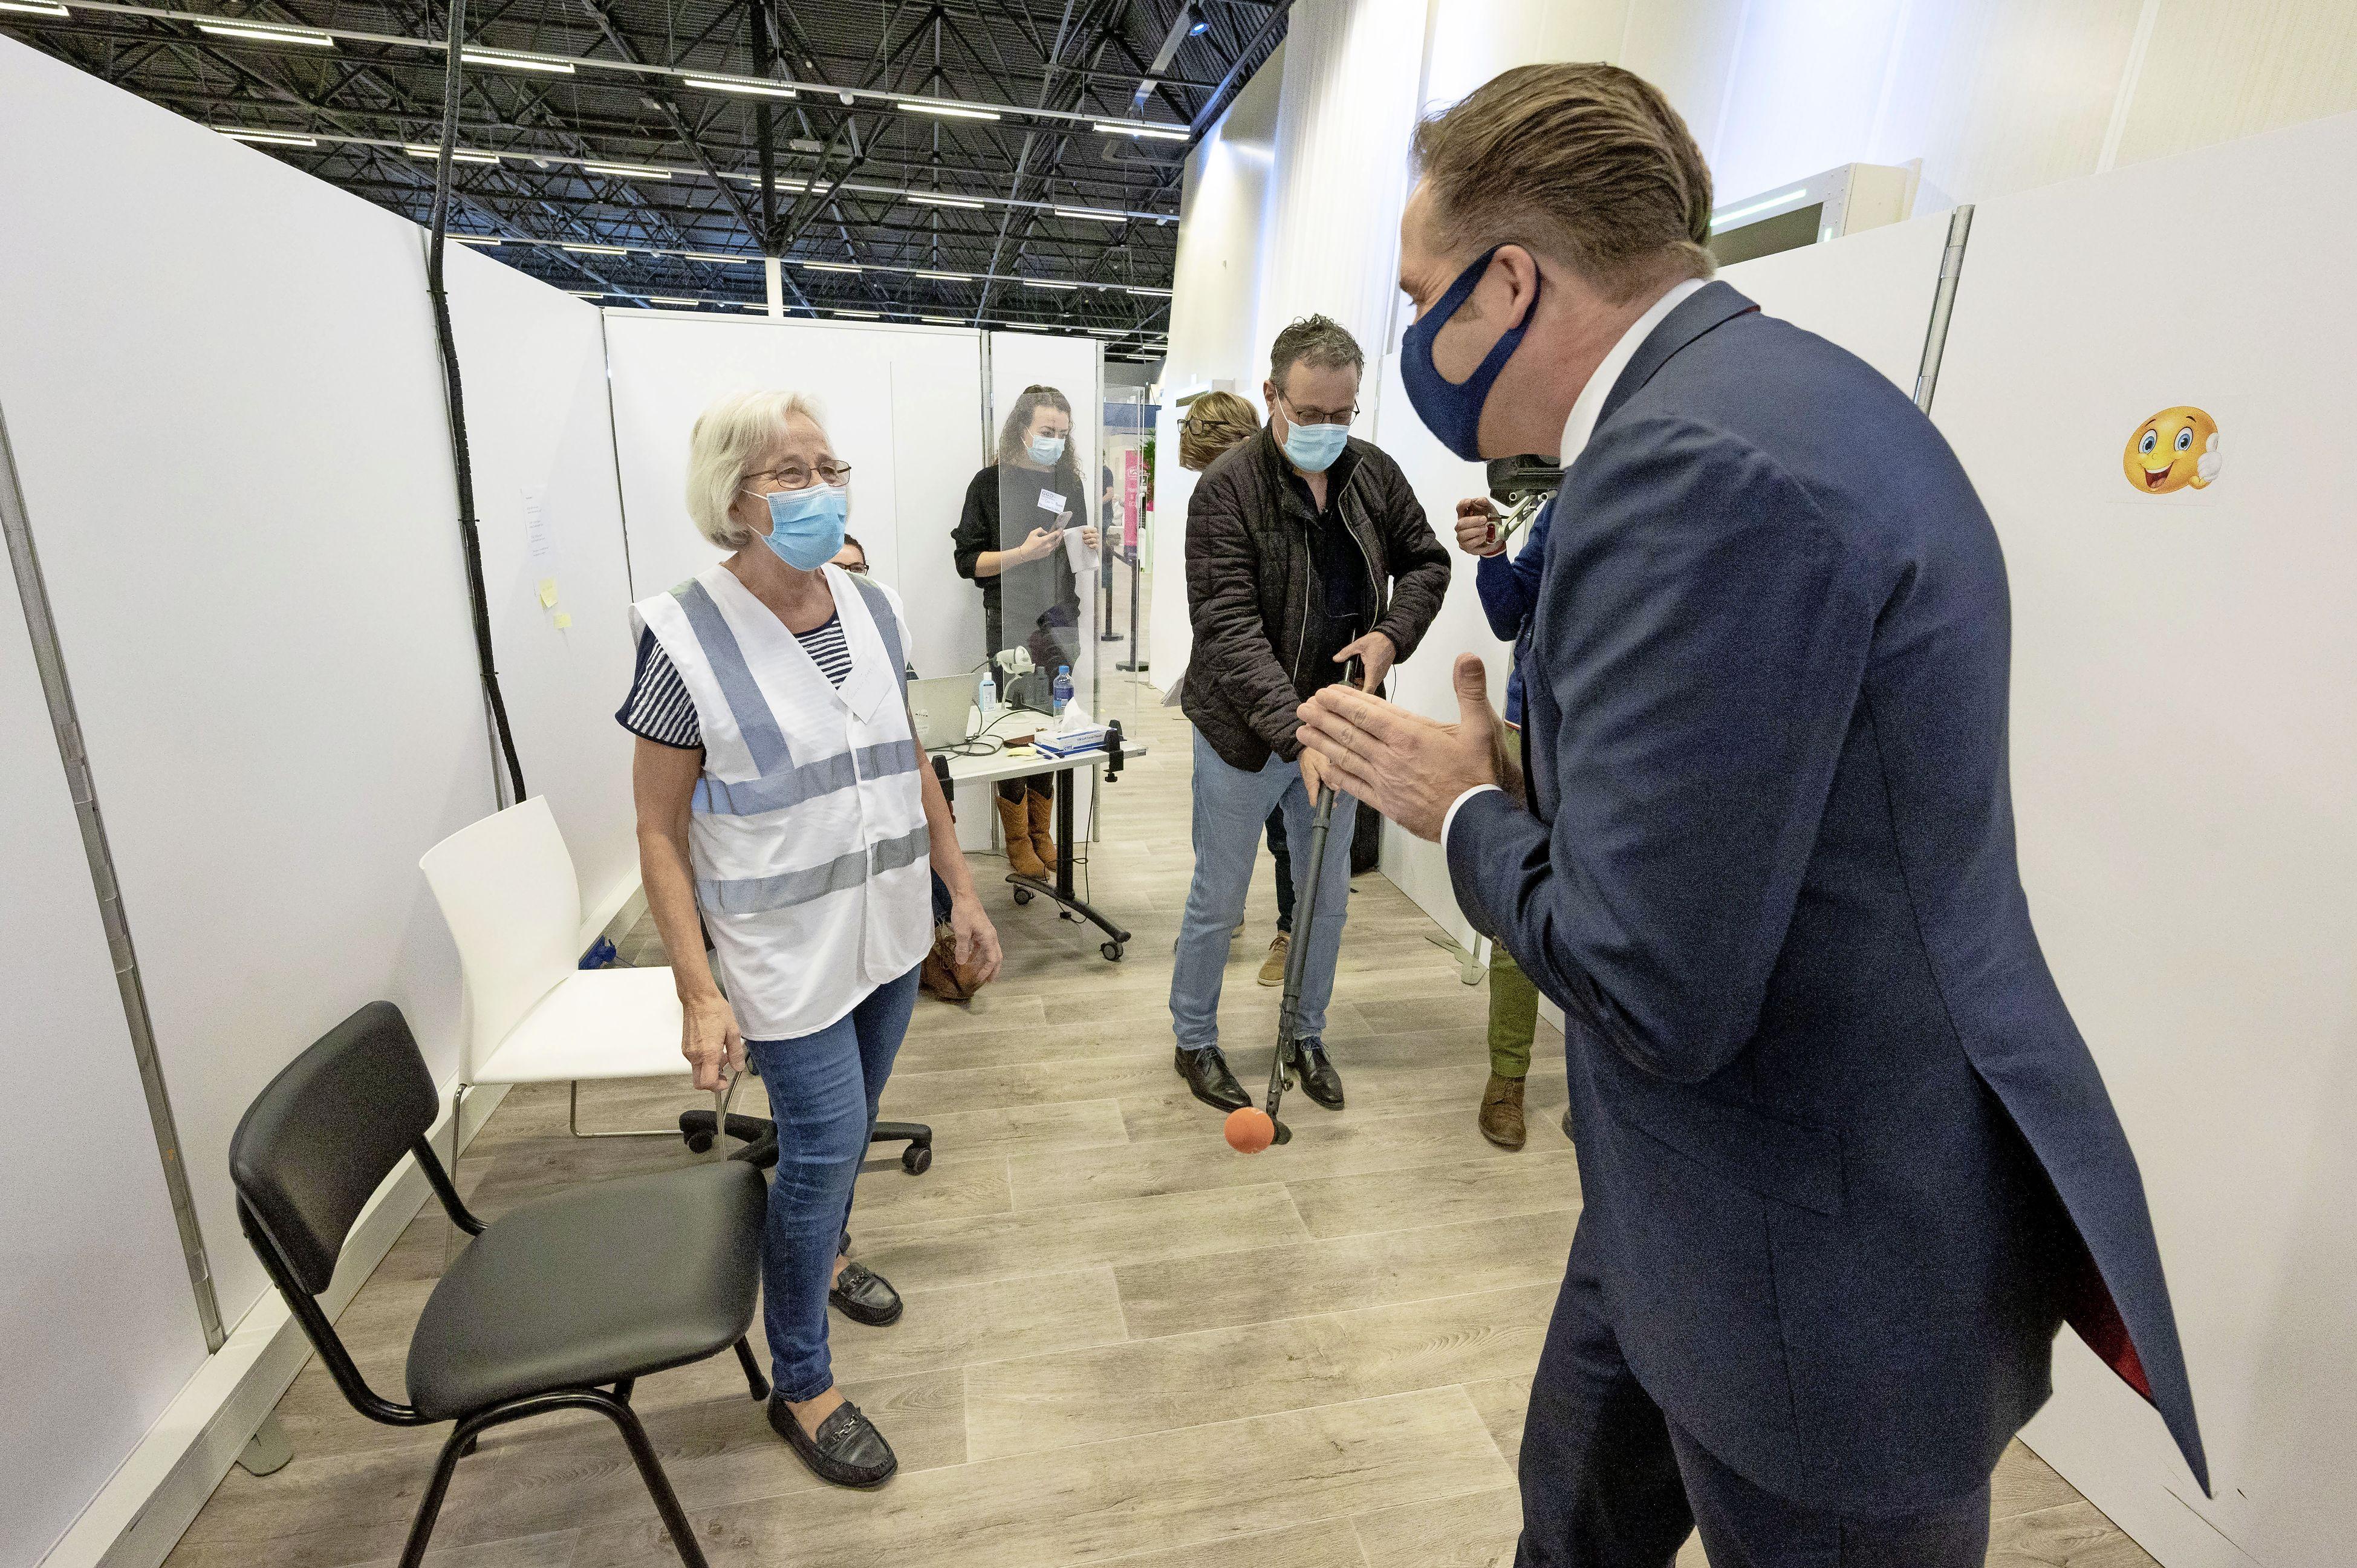 Minister Hugo de Jonge bezoekt moeder/prikker Teunie (68) in lege Leidse prikhal: 'Leuk je te zien. Gaat het goed met je?'